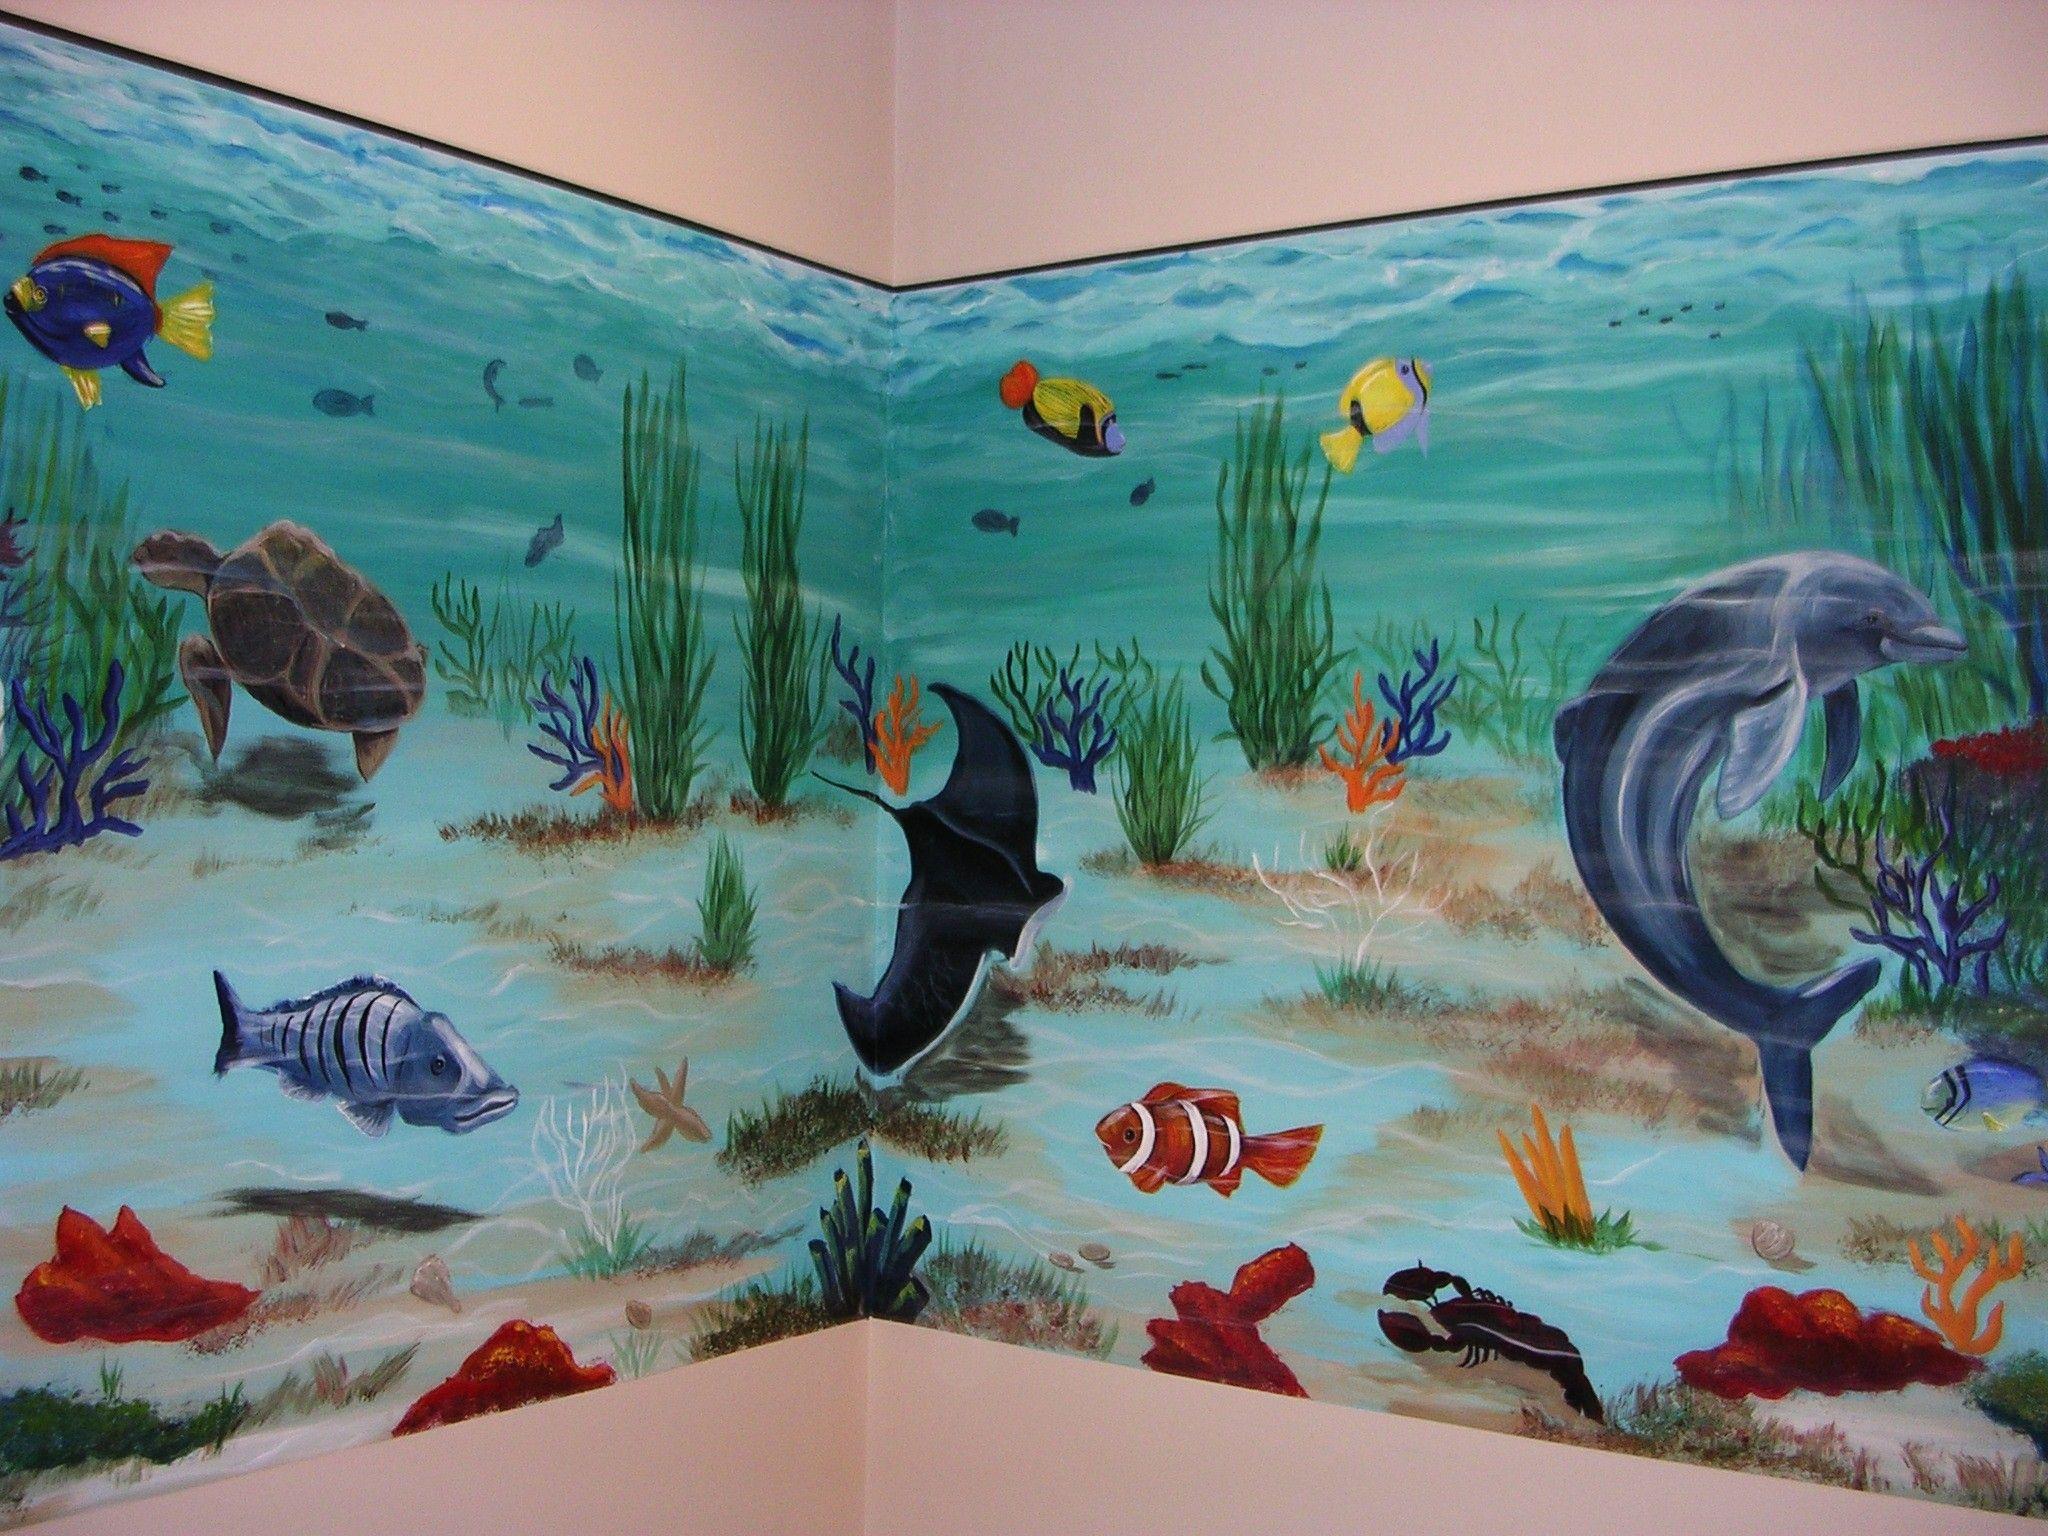 ac4606cf1428647b84ed316d04a2c817 Frais De Aquarium Rond Conception